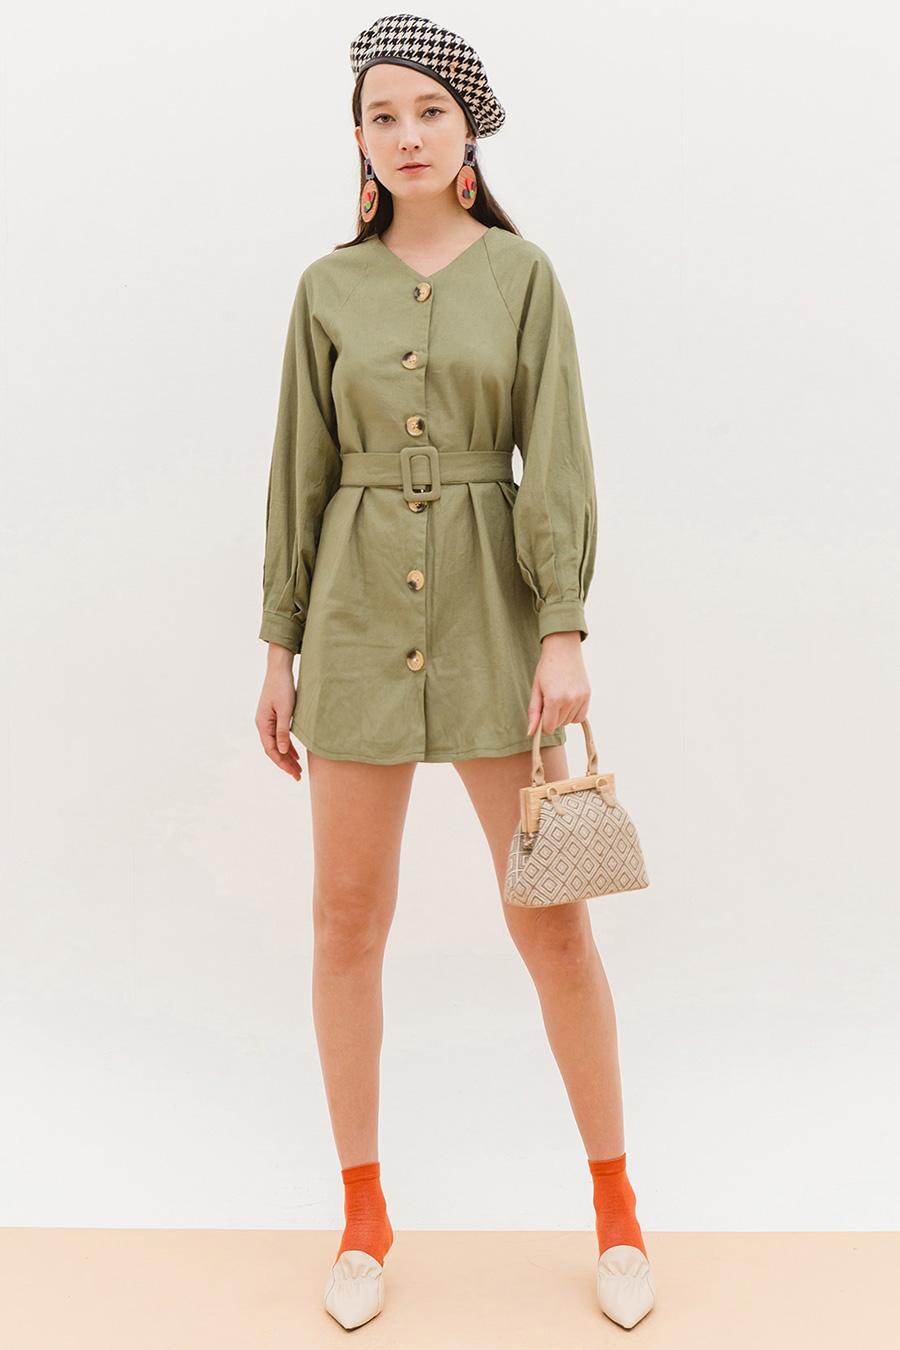 INGRID DRESS - OLIVE